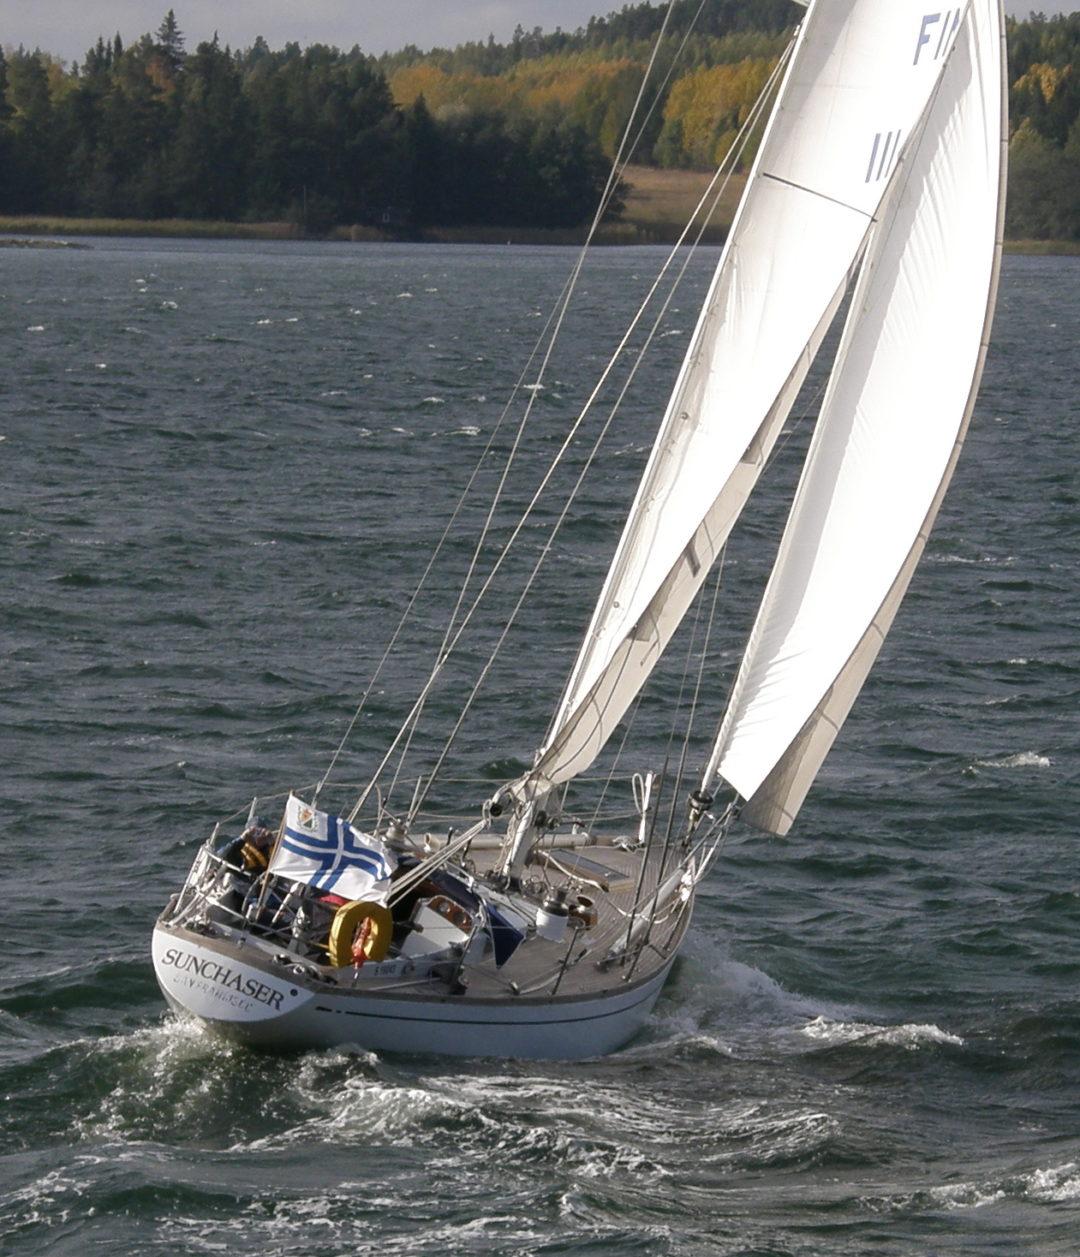 Sunchaser, Swan 43